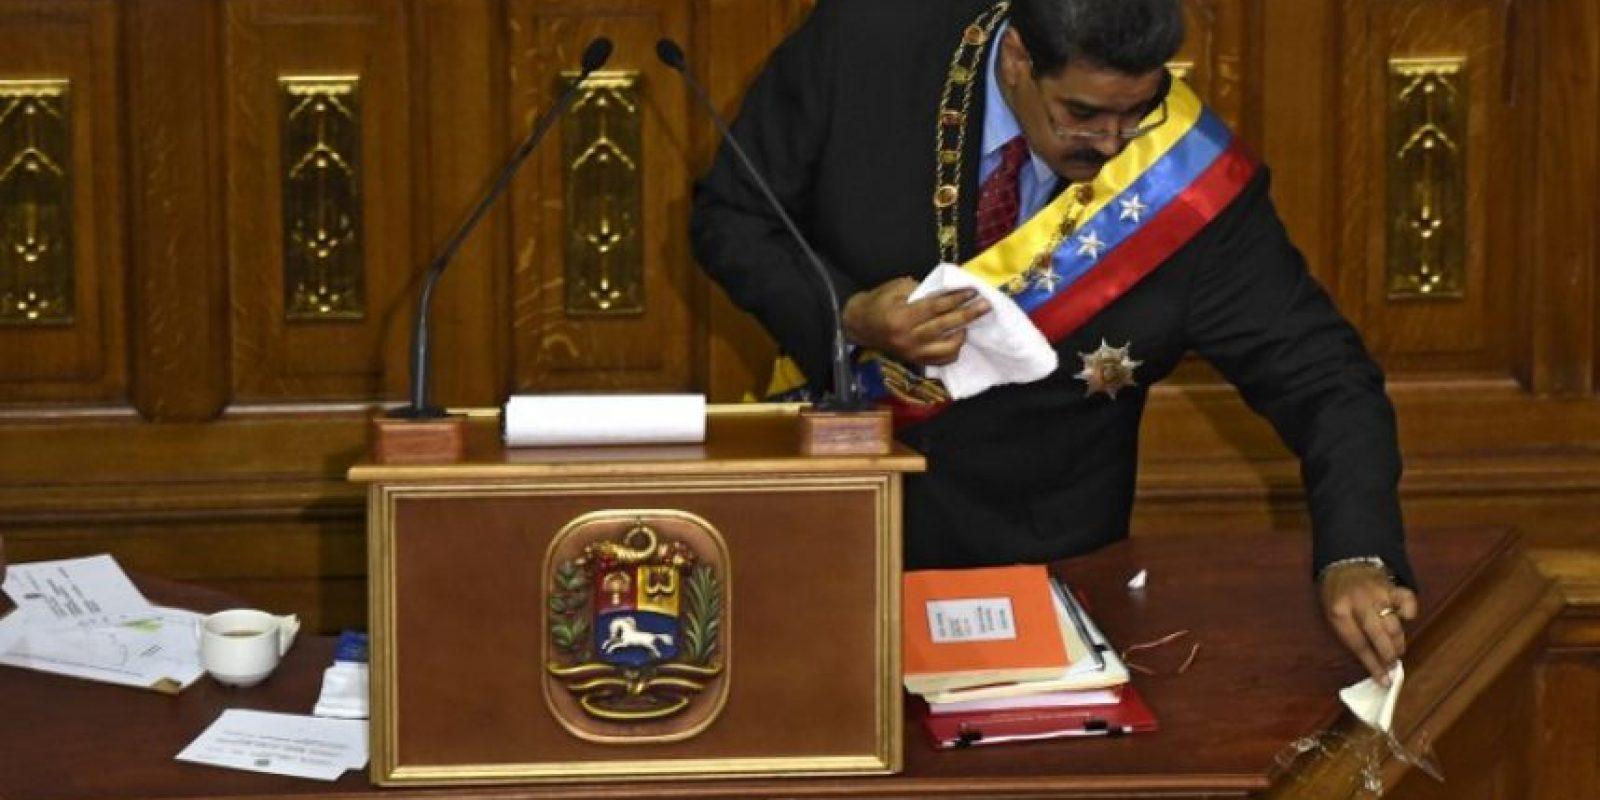 Y advirtió una confrontación en caso de que la Asamblea Nacional no lo acepte, esto debido a que en su mayoría está ocupada por la oposición. Foto:AFP